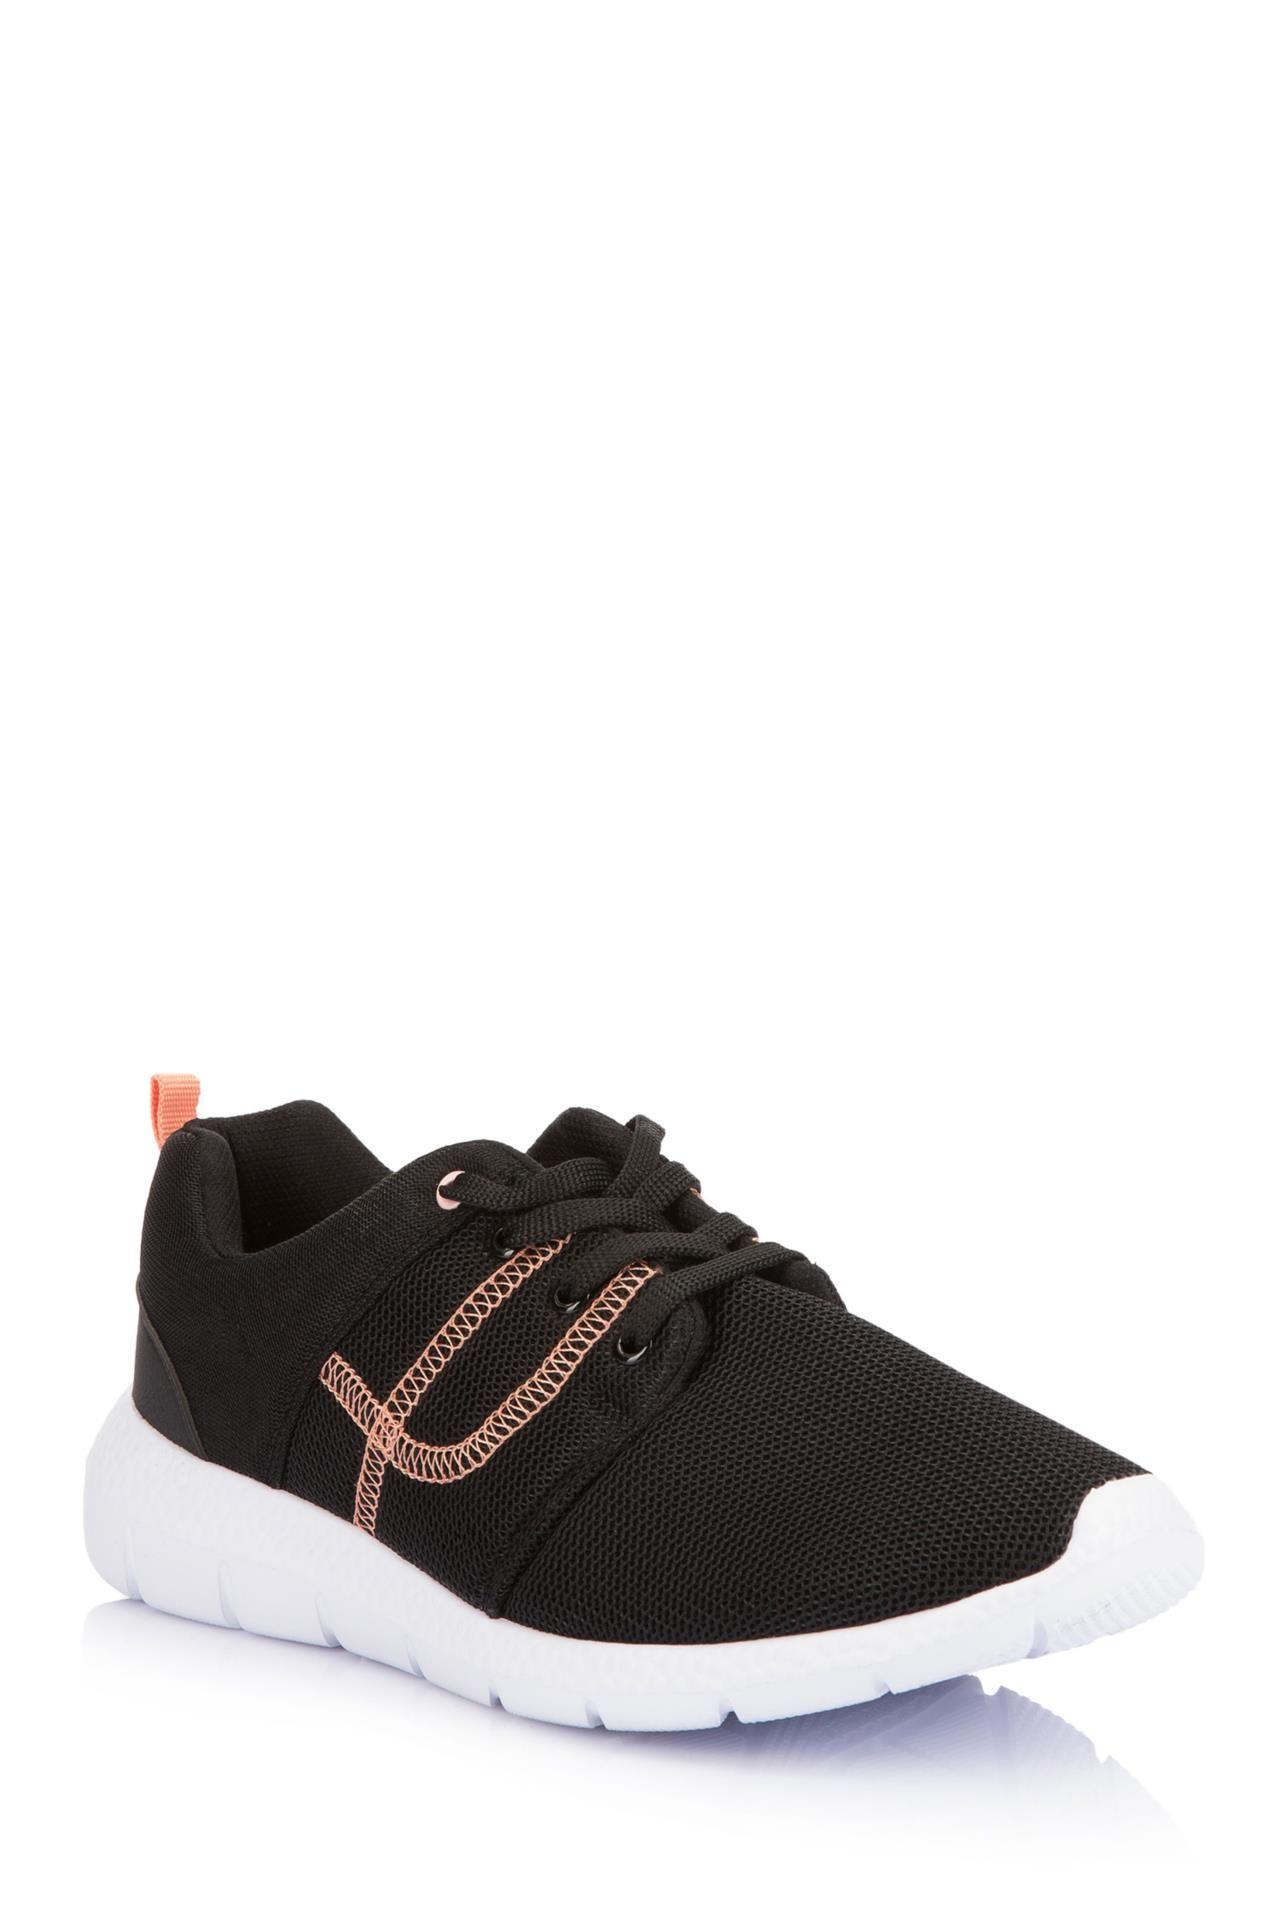 Defacto Marka Sportif Ayakkabi Spor Gorunumu Ve Rahat Kalibi Gunluk Kullanimlarda Tercih Edeceginiz Defacto Kadin Ayakkabi Baby Shoes Shoes Sneakers